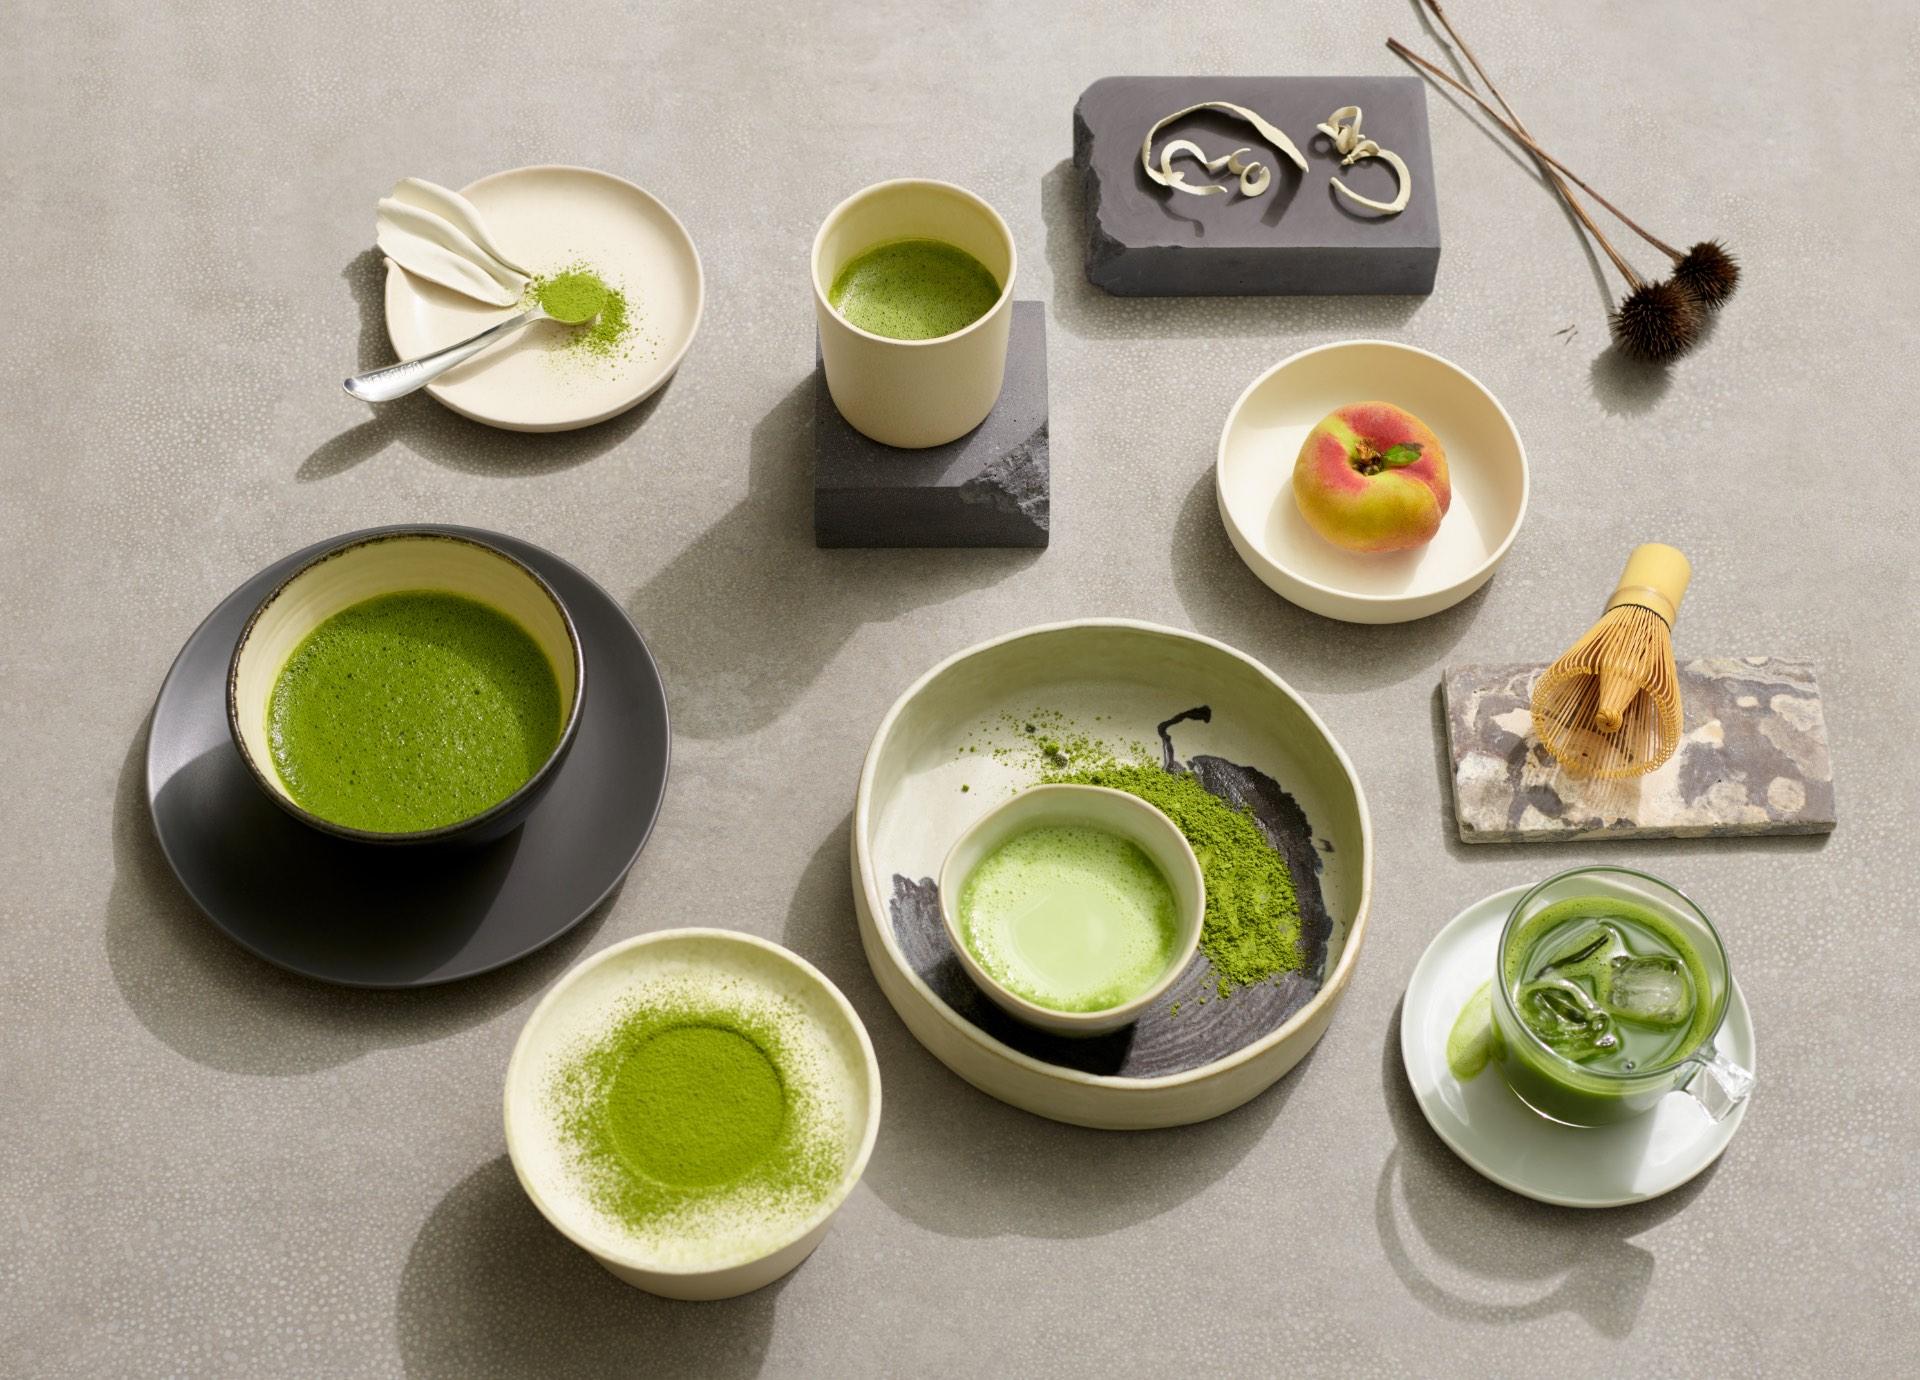 Thé vert matcha préparé de diverses façons dans des tasses, assiettes et bols en céramique.